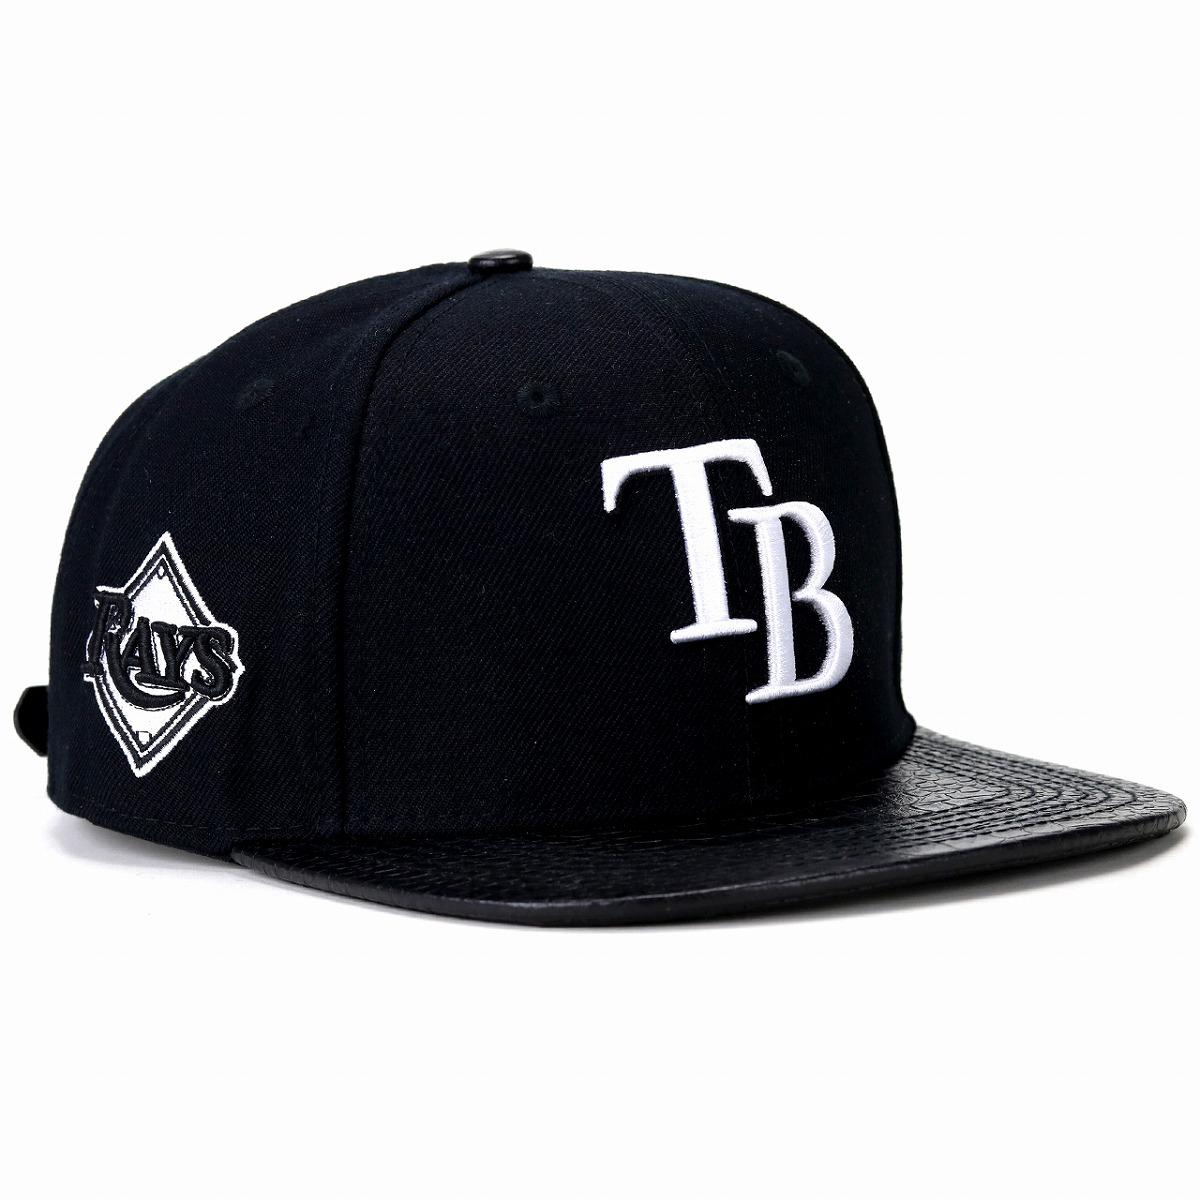 タンパベイレイズ ロゴ 刺繍 キャップ プロスタンダード 野球帽 メンズ レディース 帽子 Pro Standard MLB Tampa Bay Rays Logo 黒 ブラック[ baseball cap ]